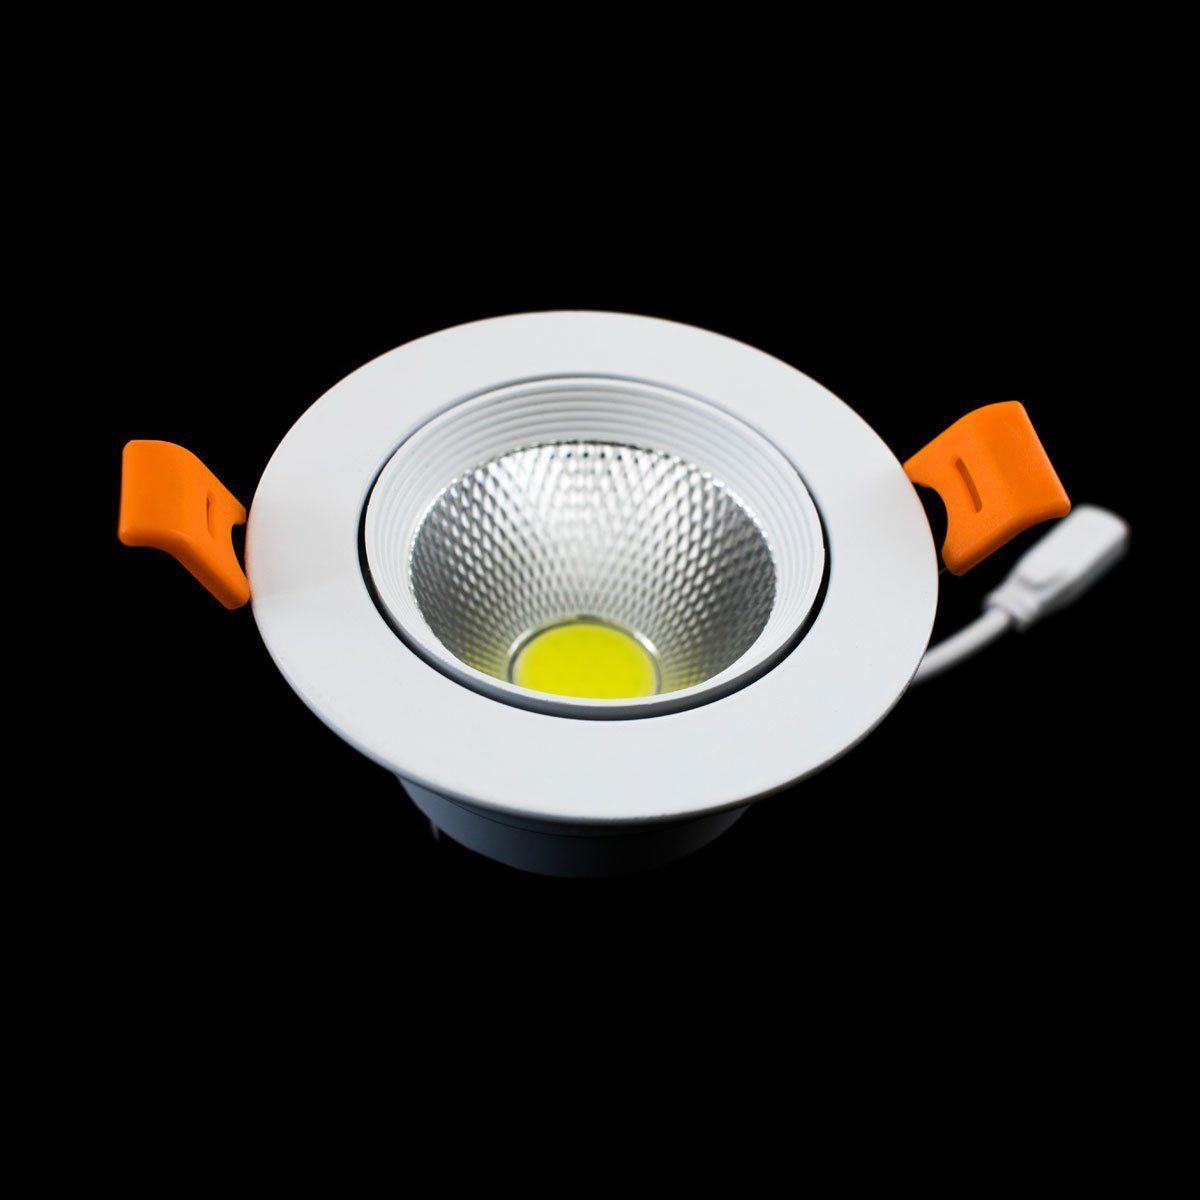 Светильник светодиодный 7Вт круглый 6000K OEM DL-7W-R-COB